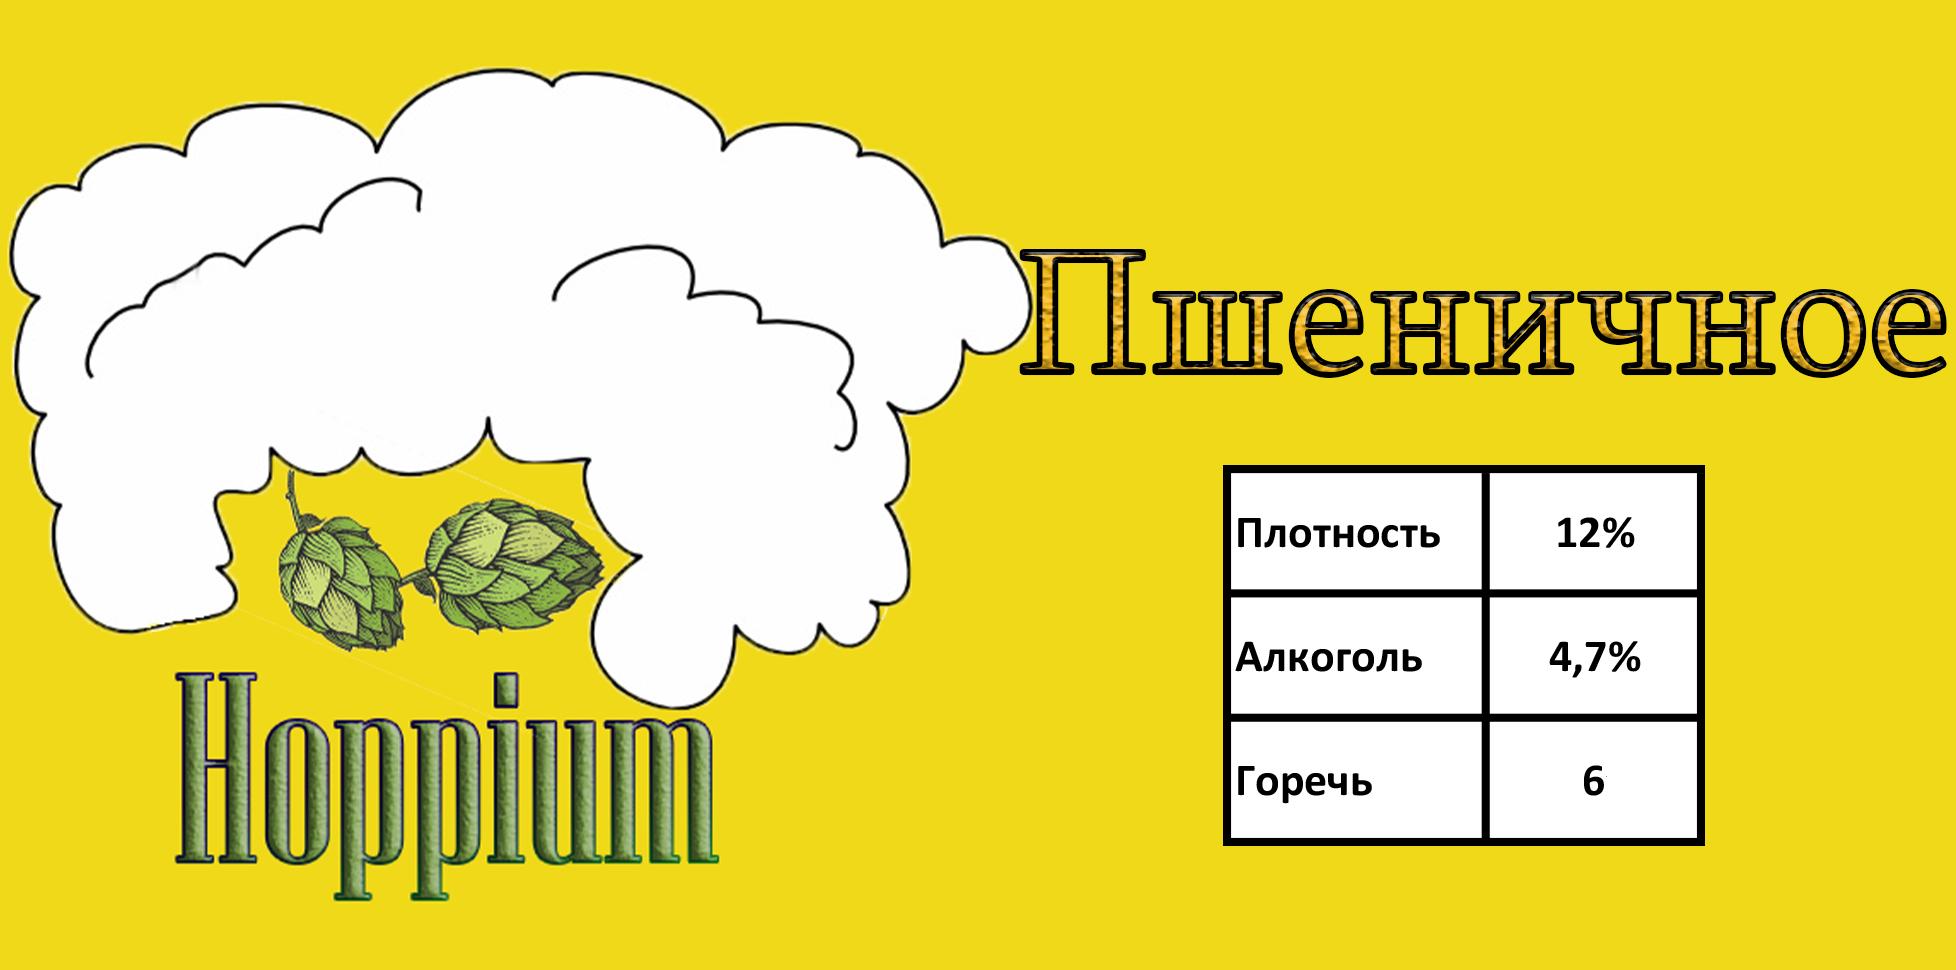 Логотип + Ценники для подмосковной крафтовой пивоварни фото f_2885dbd883198d4f.png